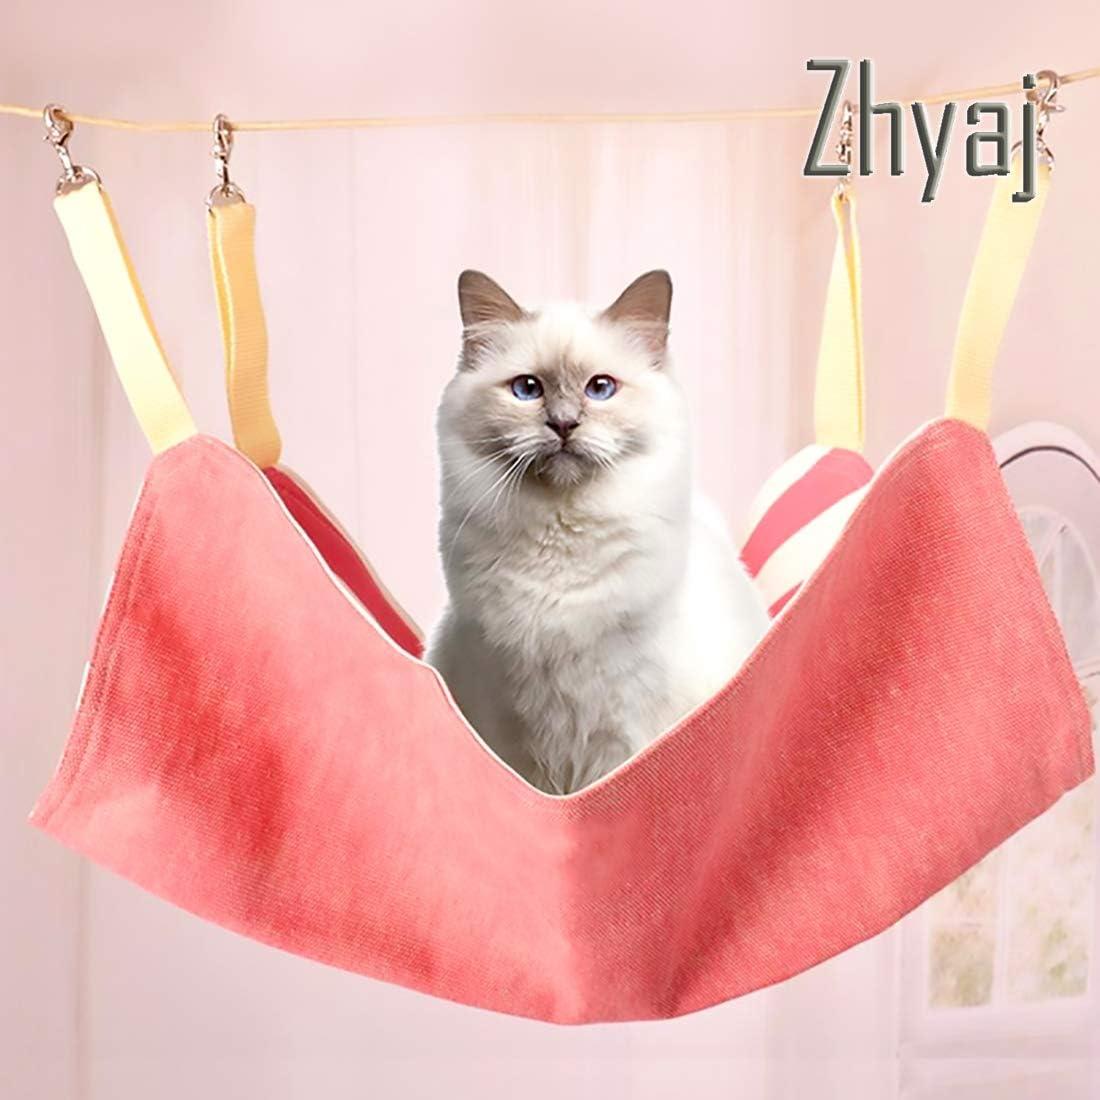 Zhyaj Hamaca Gato Mascota Cama Arena para Gatos Tela Romana El Verano Transpirable,Pink: Amazon.es: Deportes y aire libre